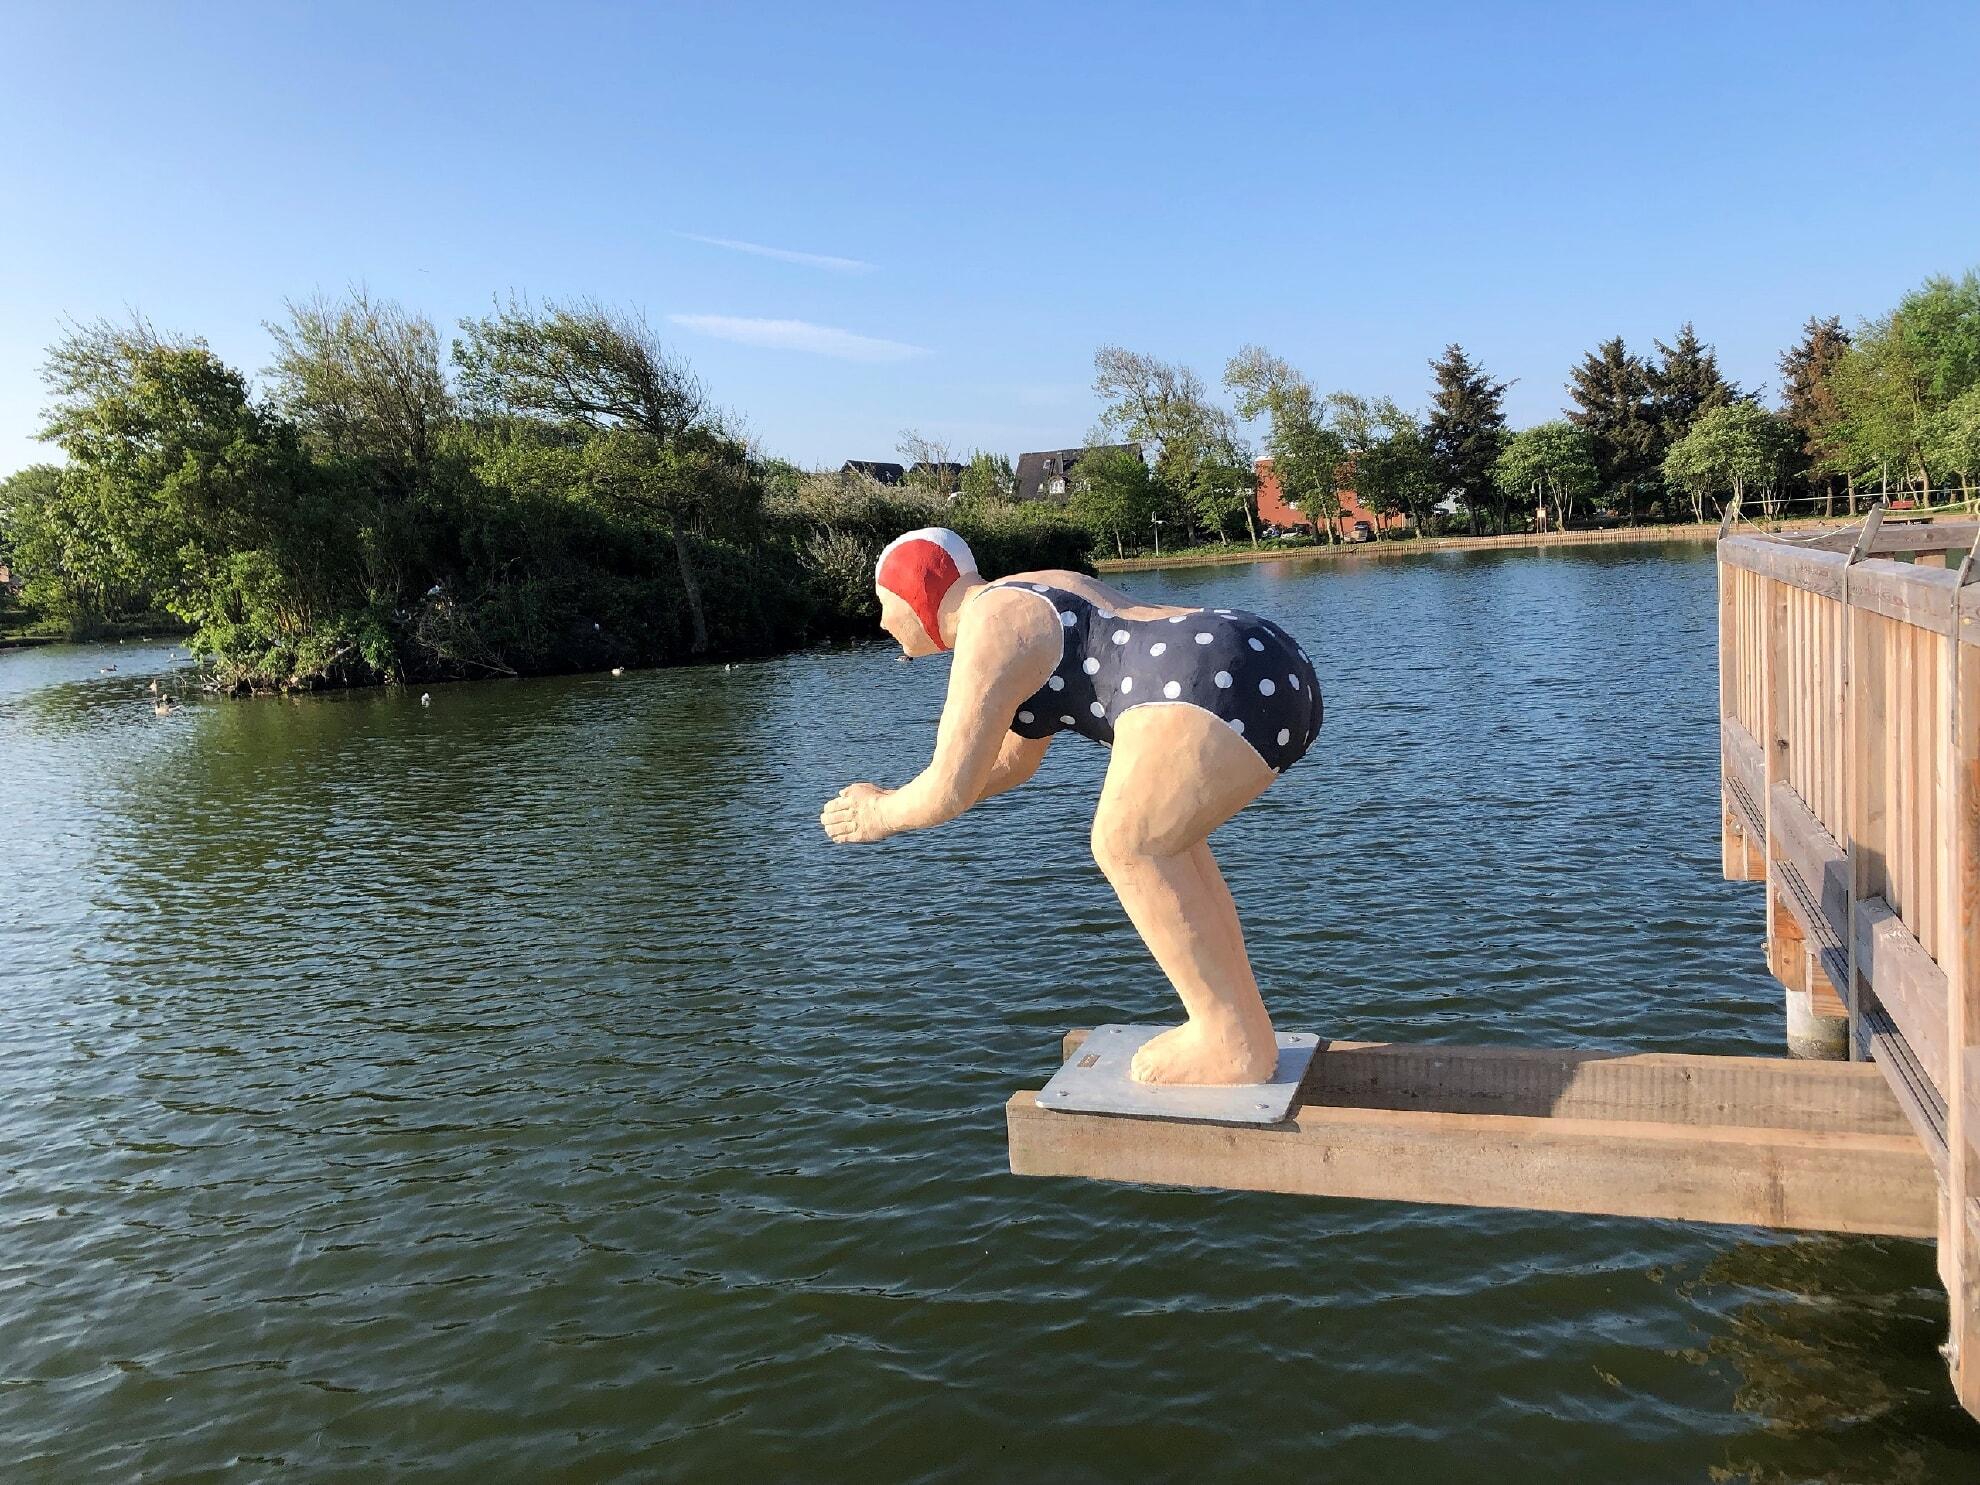 Schwimmerin am Dorfteich